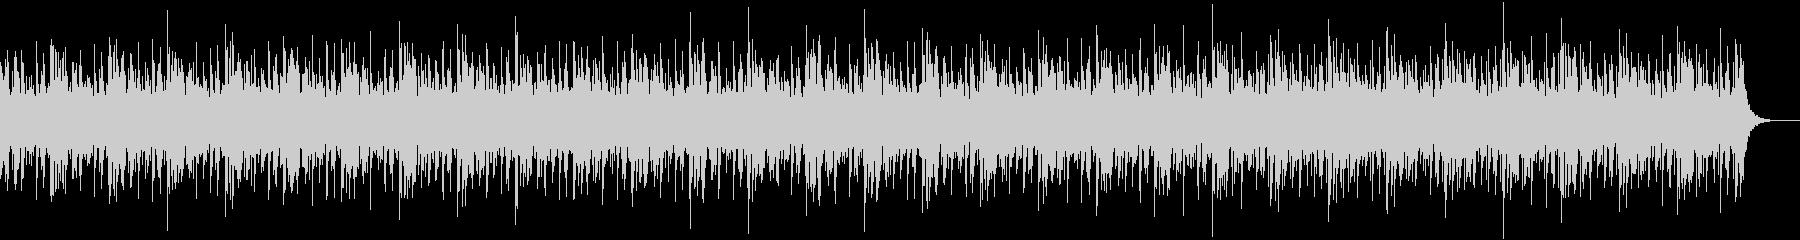 スタイリッシュなオープニングロックの未再生の波形